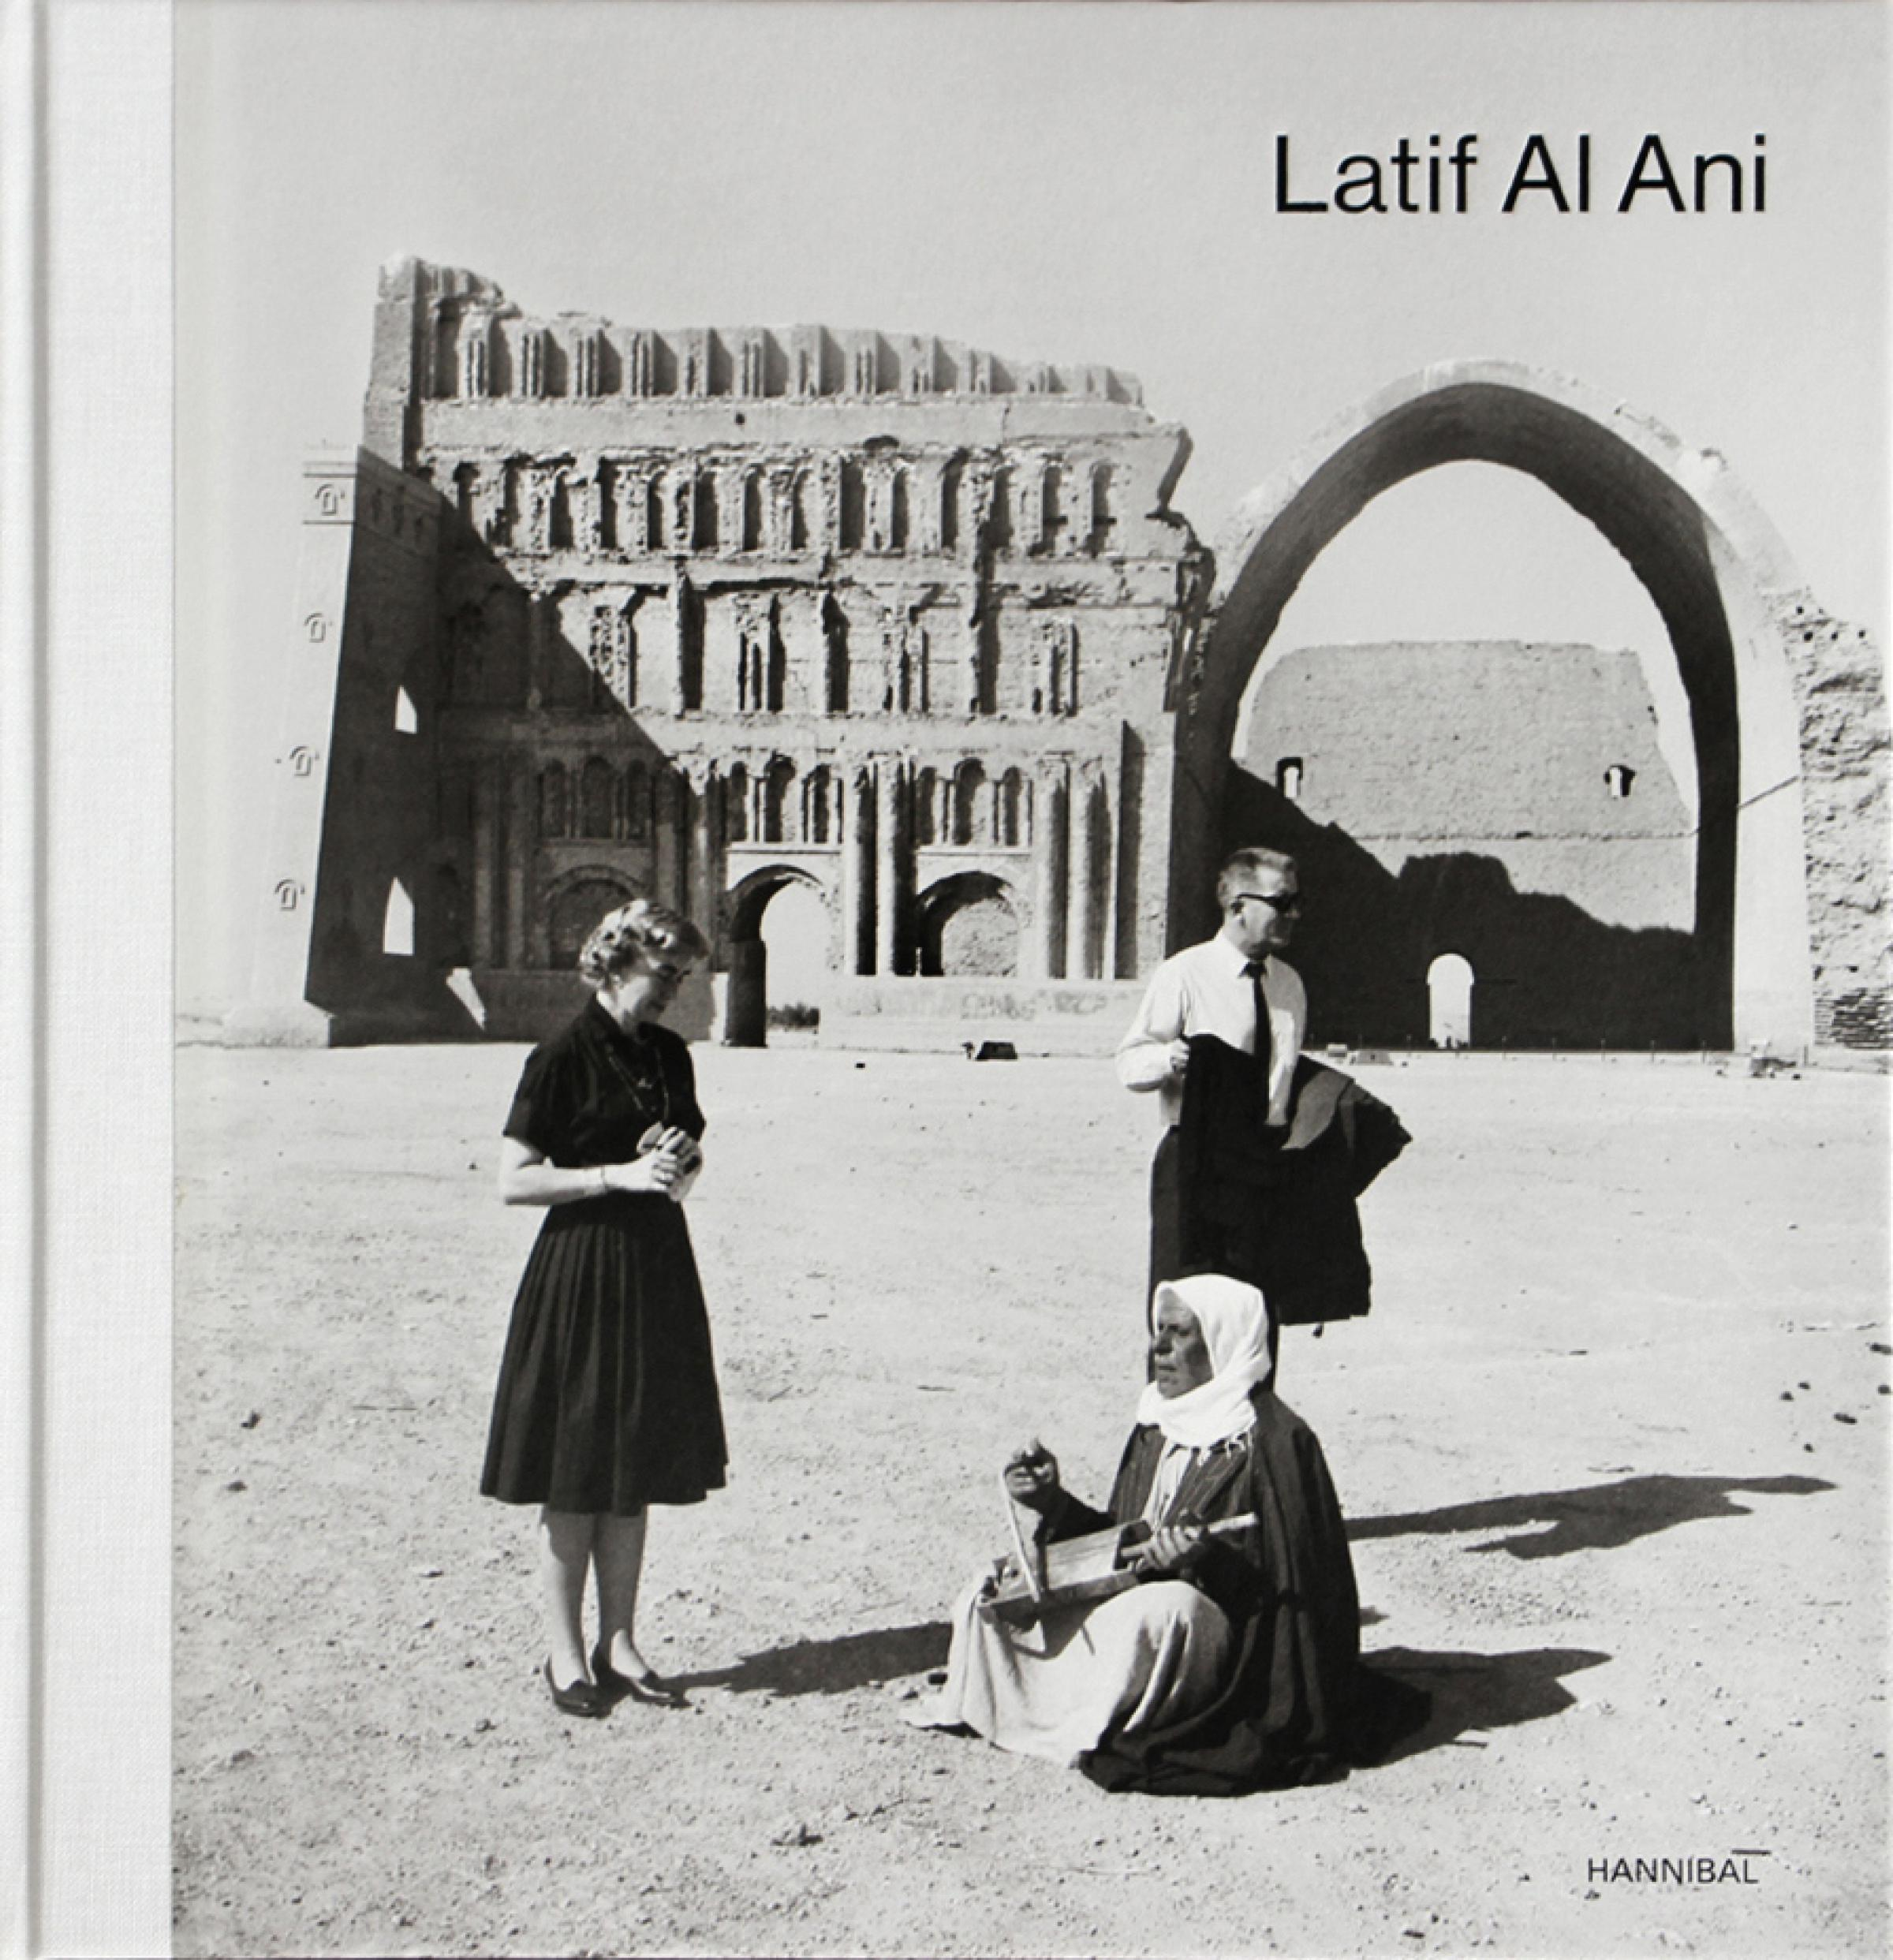 Latif Al Ani: Latif Al Ani